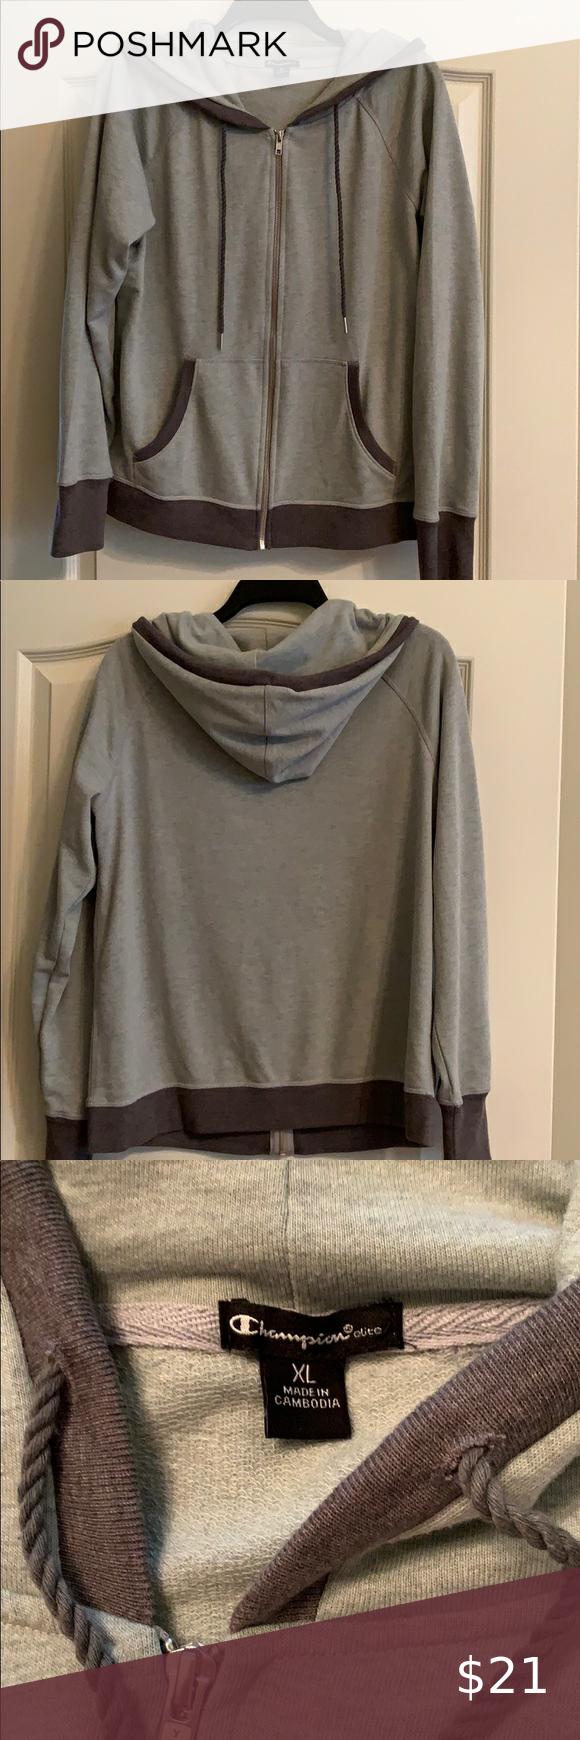 Champion Elite Sweatshirt Sweatshirts Sweatshirt Tops Clothes Design [ 1740 x 580 Pixel ]